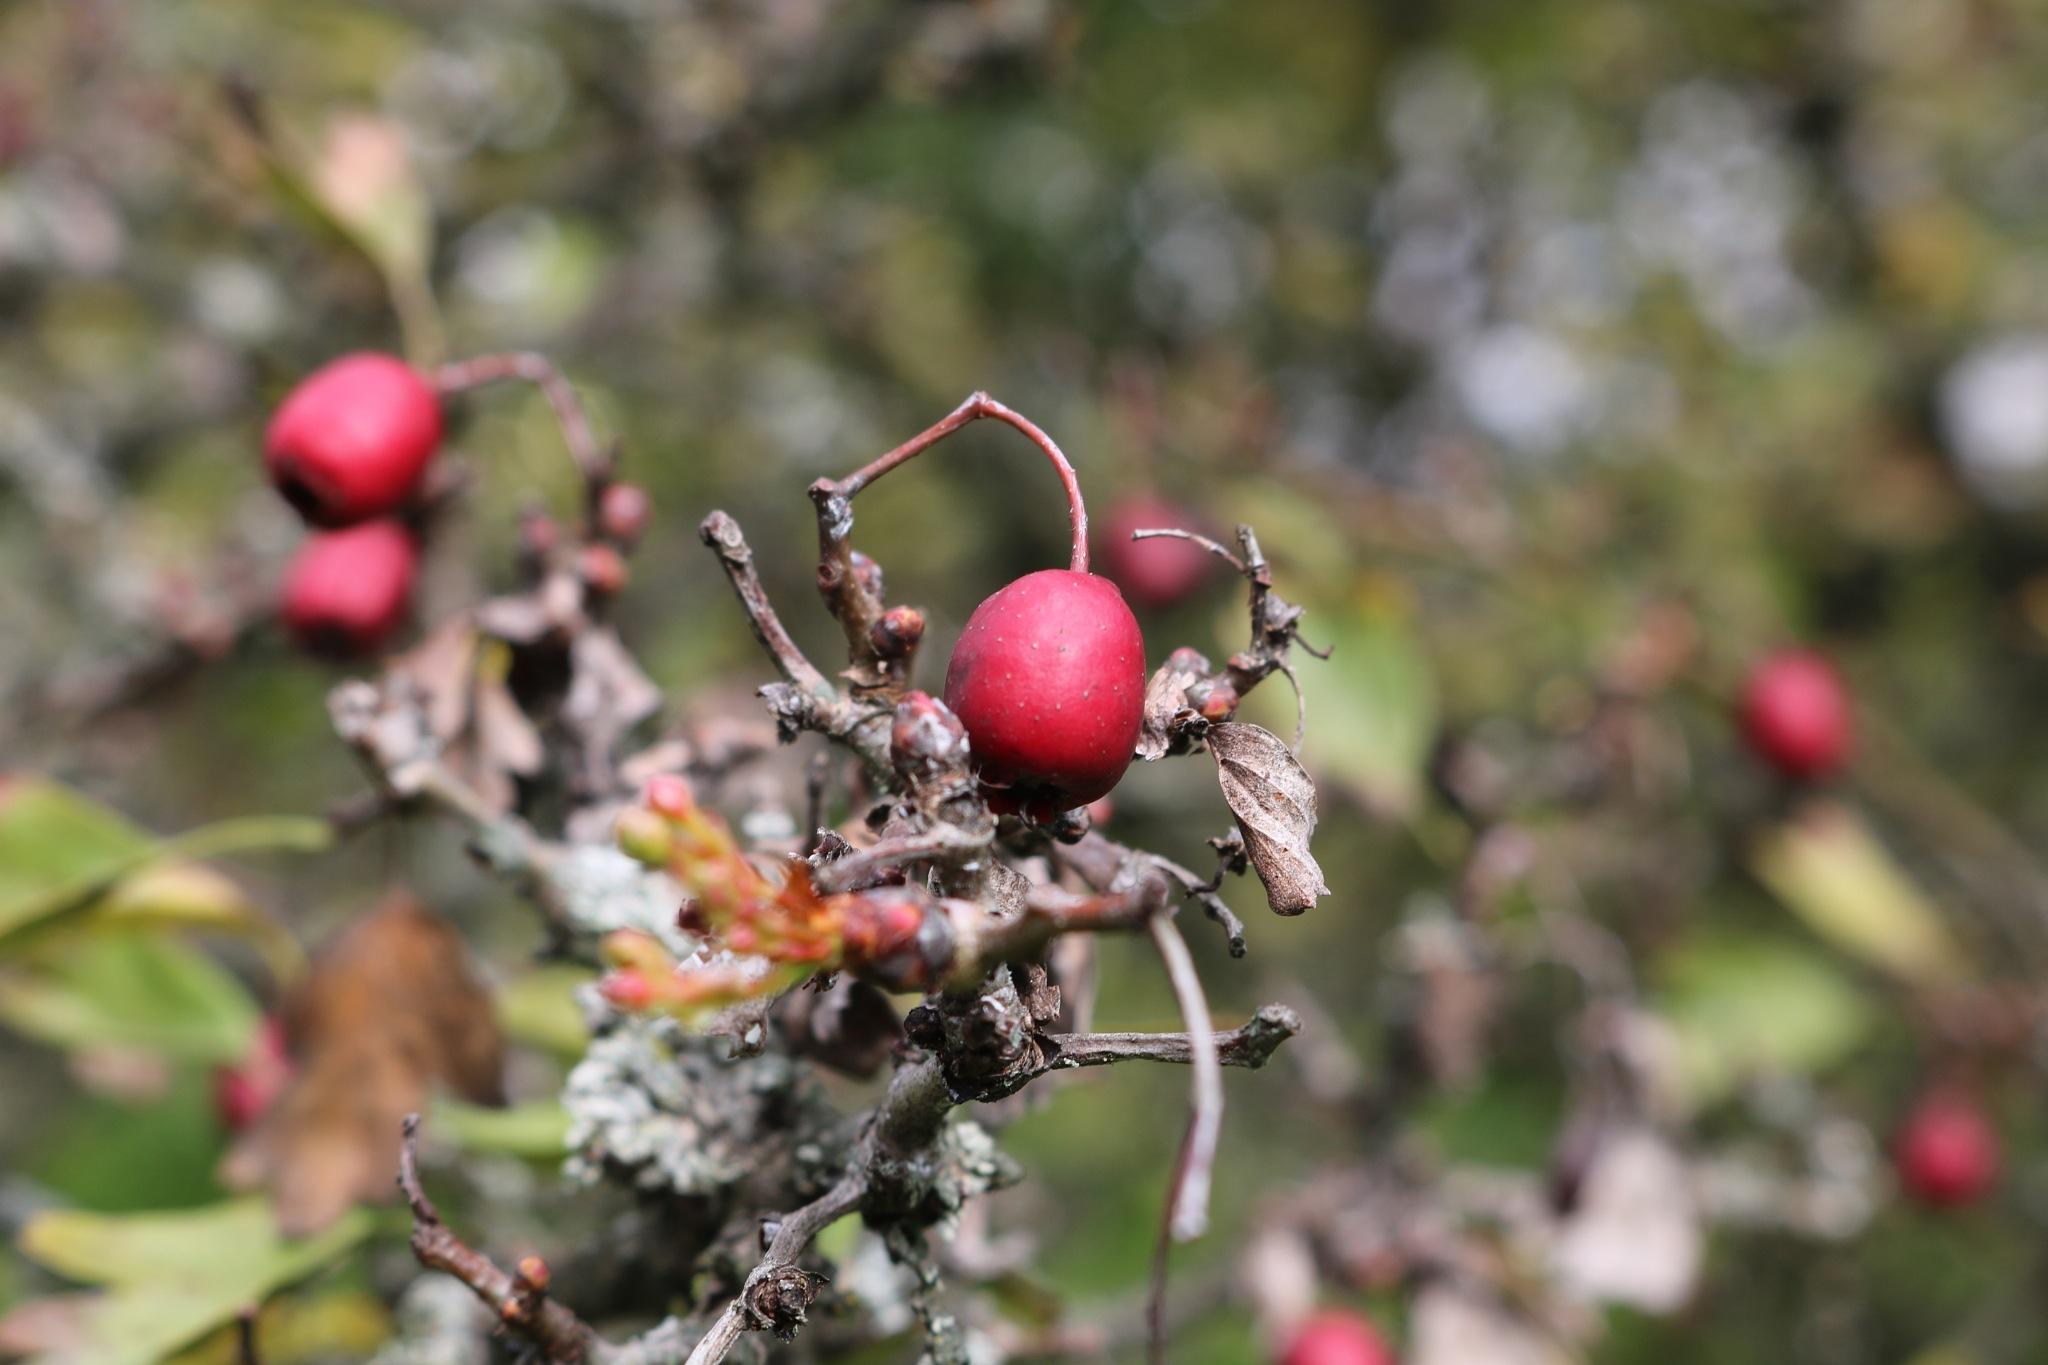 Crataegus - Fruit by zvnktomasevic